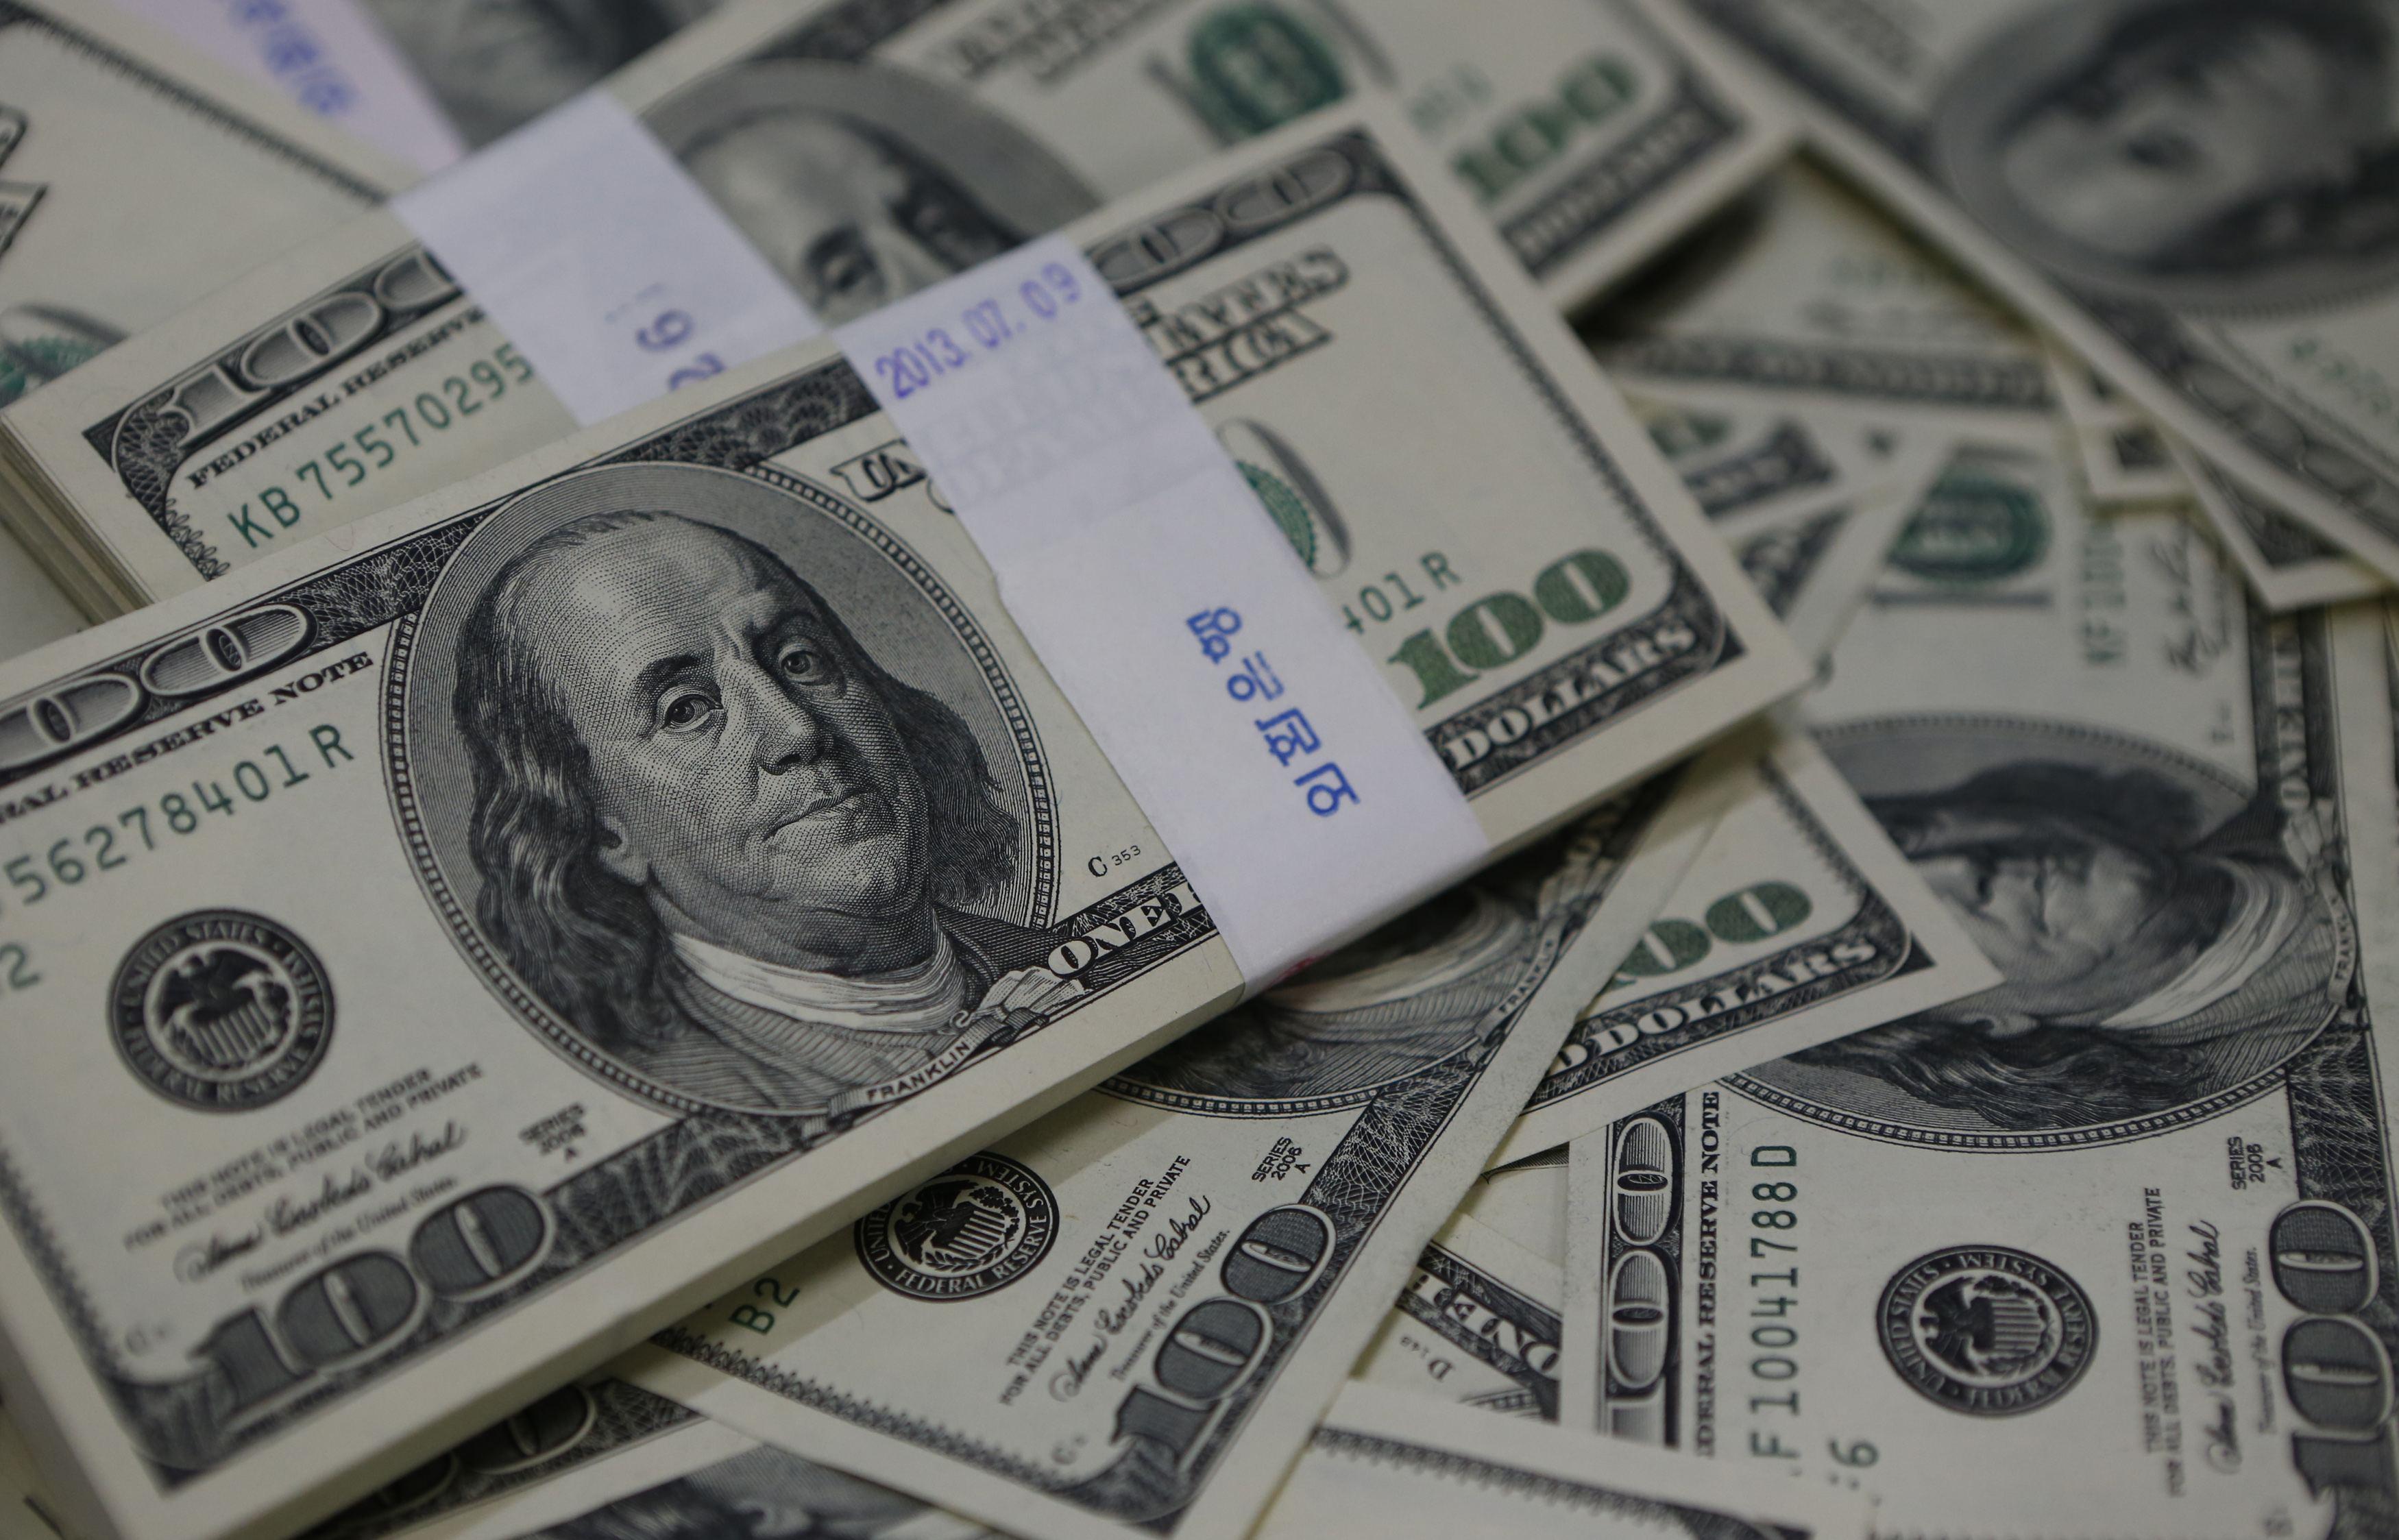 وكالة الصحافة الفلسطينية - الدولار يقفز 64% أمام الجنيه السوداني بأول يوم لسياسة نقدية جديدة